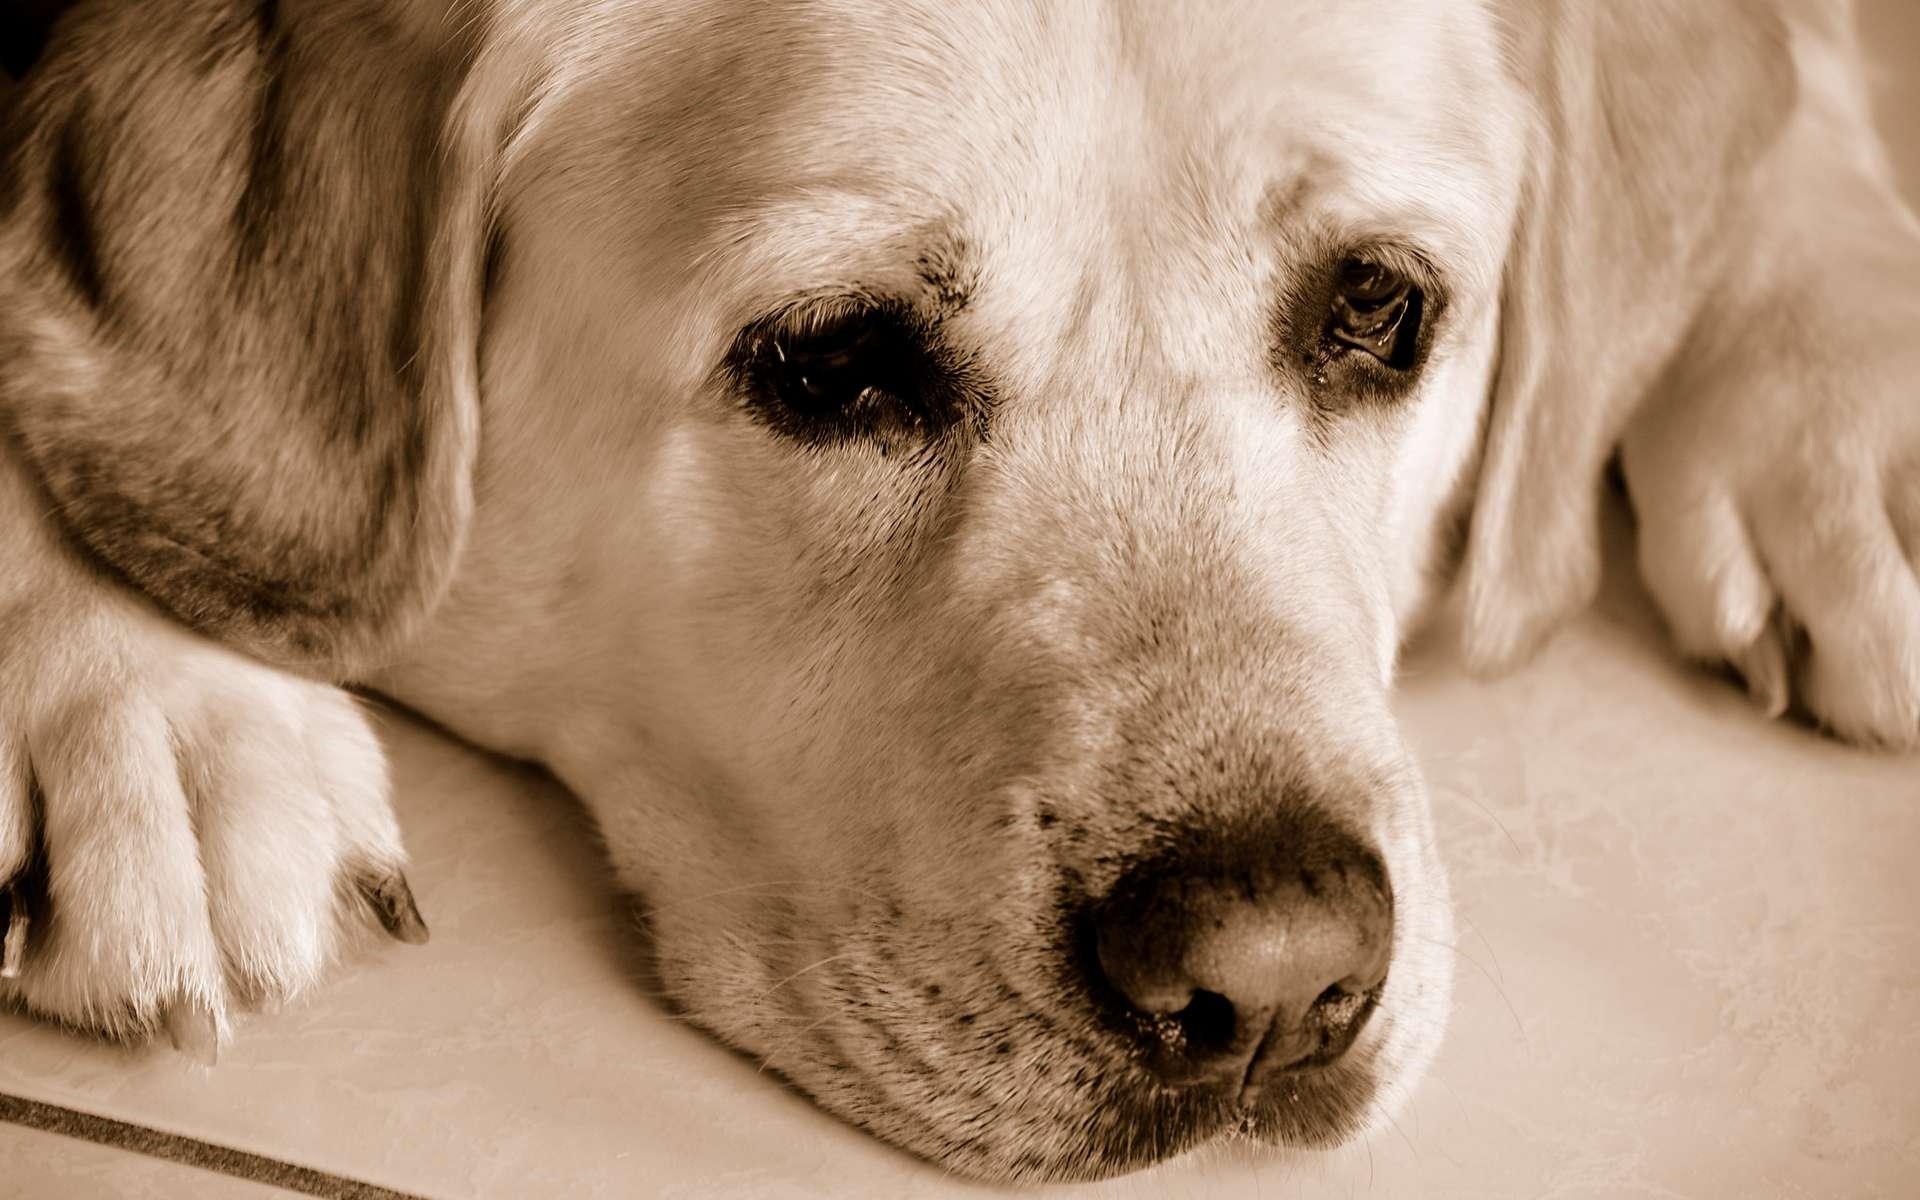 Les trois quarts des chien souffrent de stress et de troubles anxieux. © Randi Deuro, Flickr